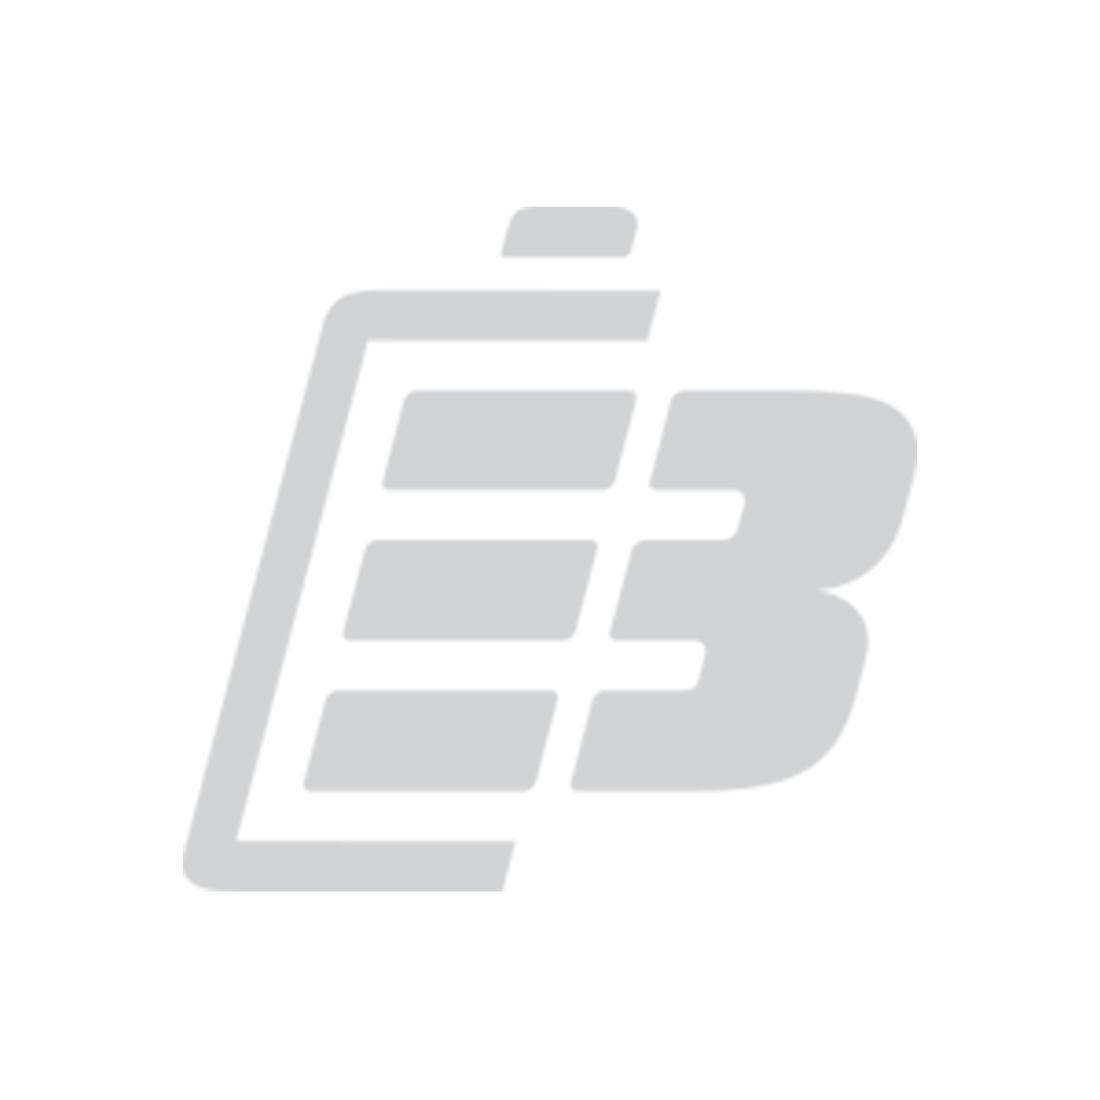 Μπαταρία smartphone ZTE Grand X Quad_1